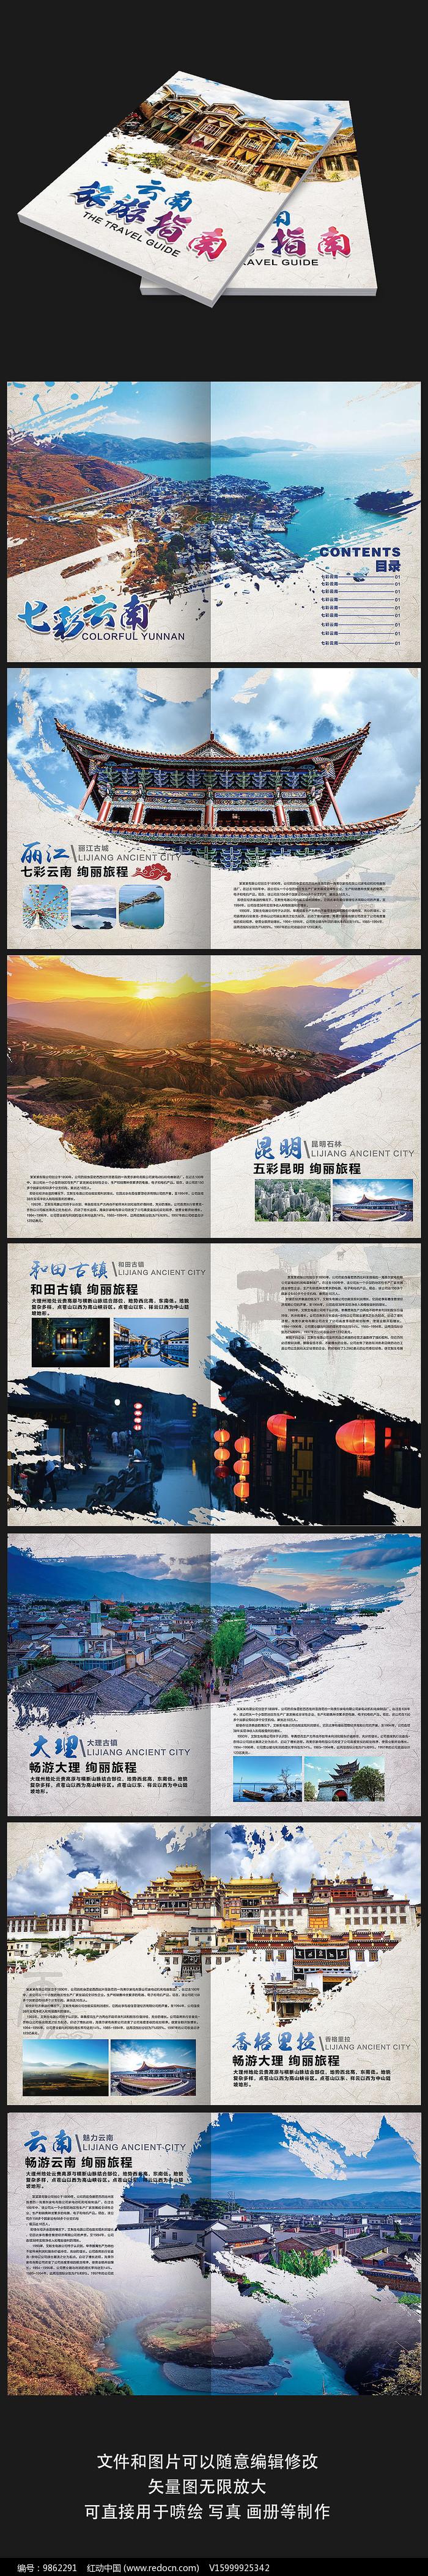 大气云南旅游画册版式设计模板图片